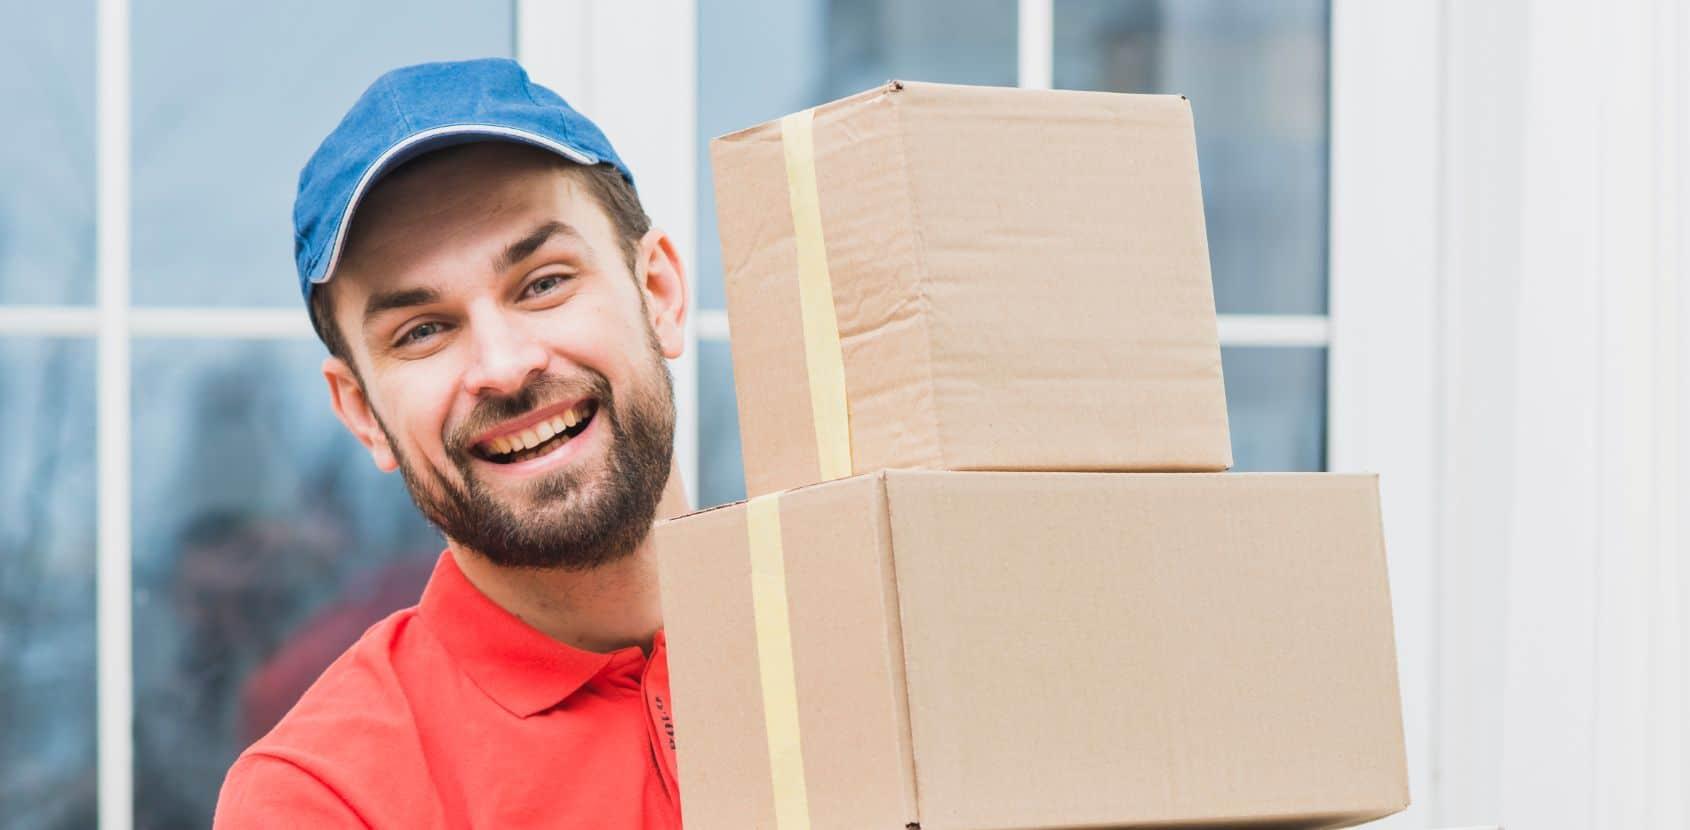 customer service questions in logistics - logistics service header